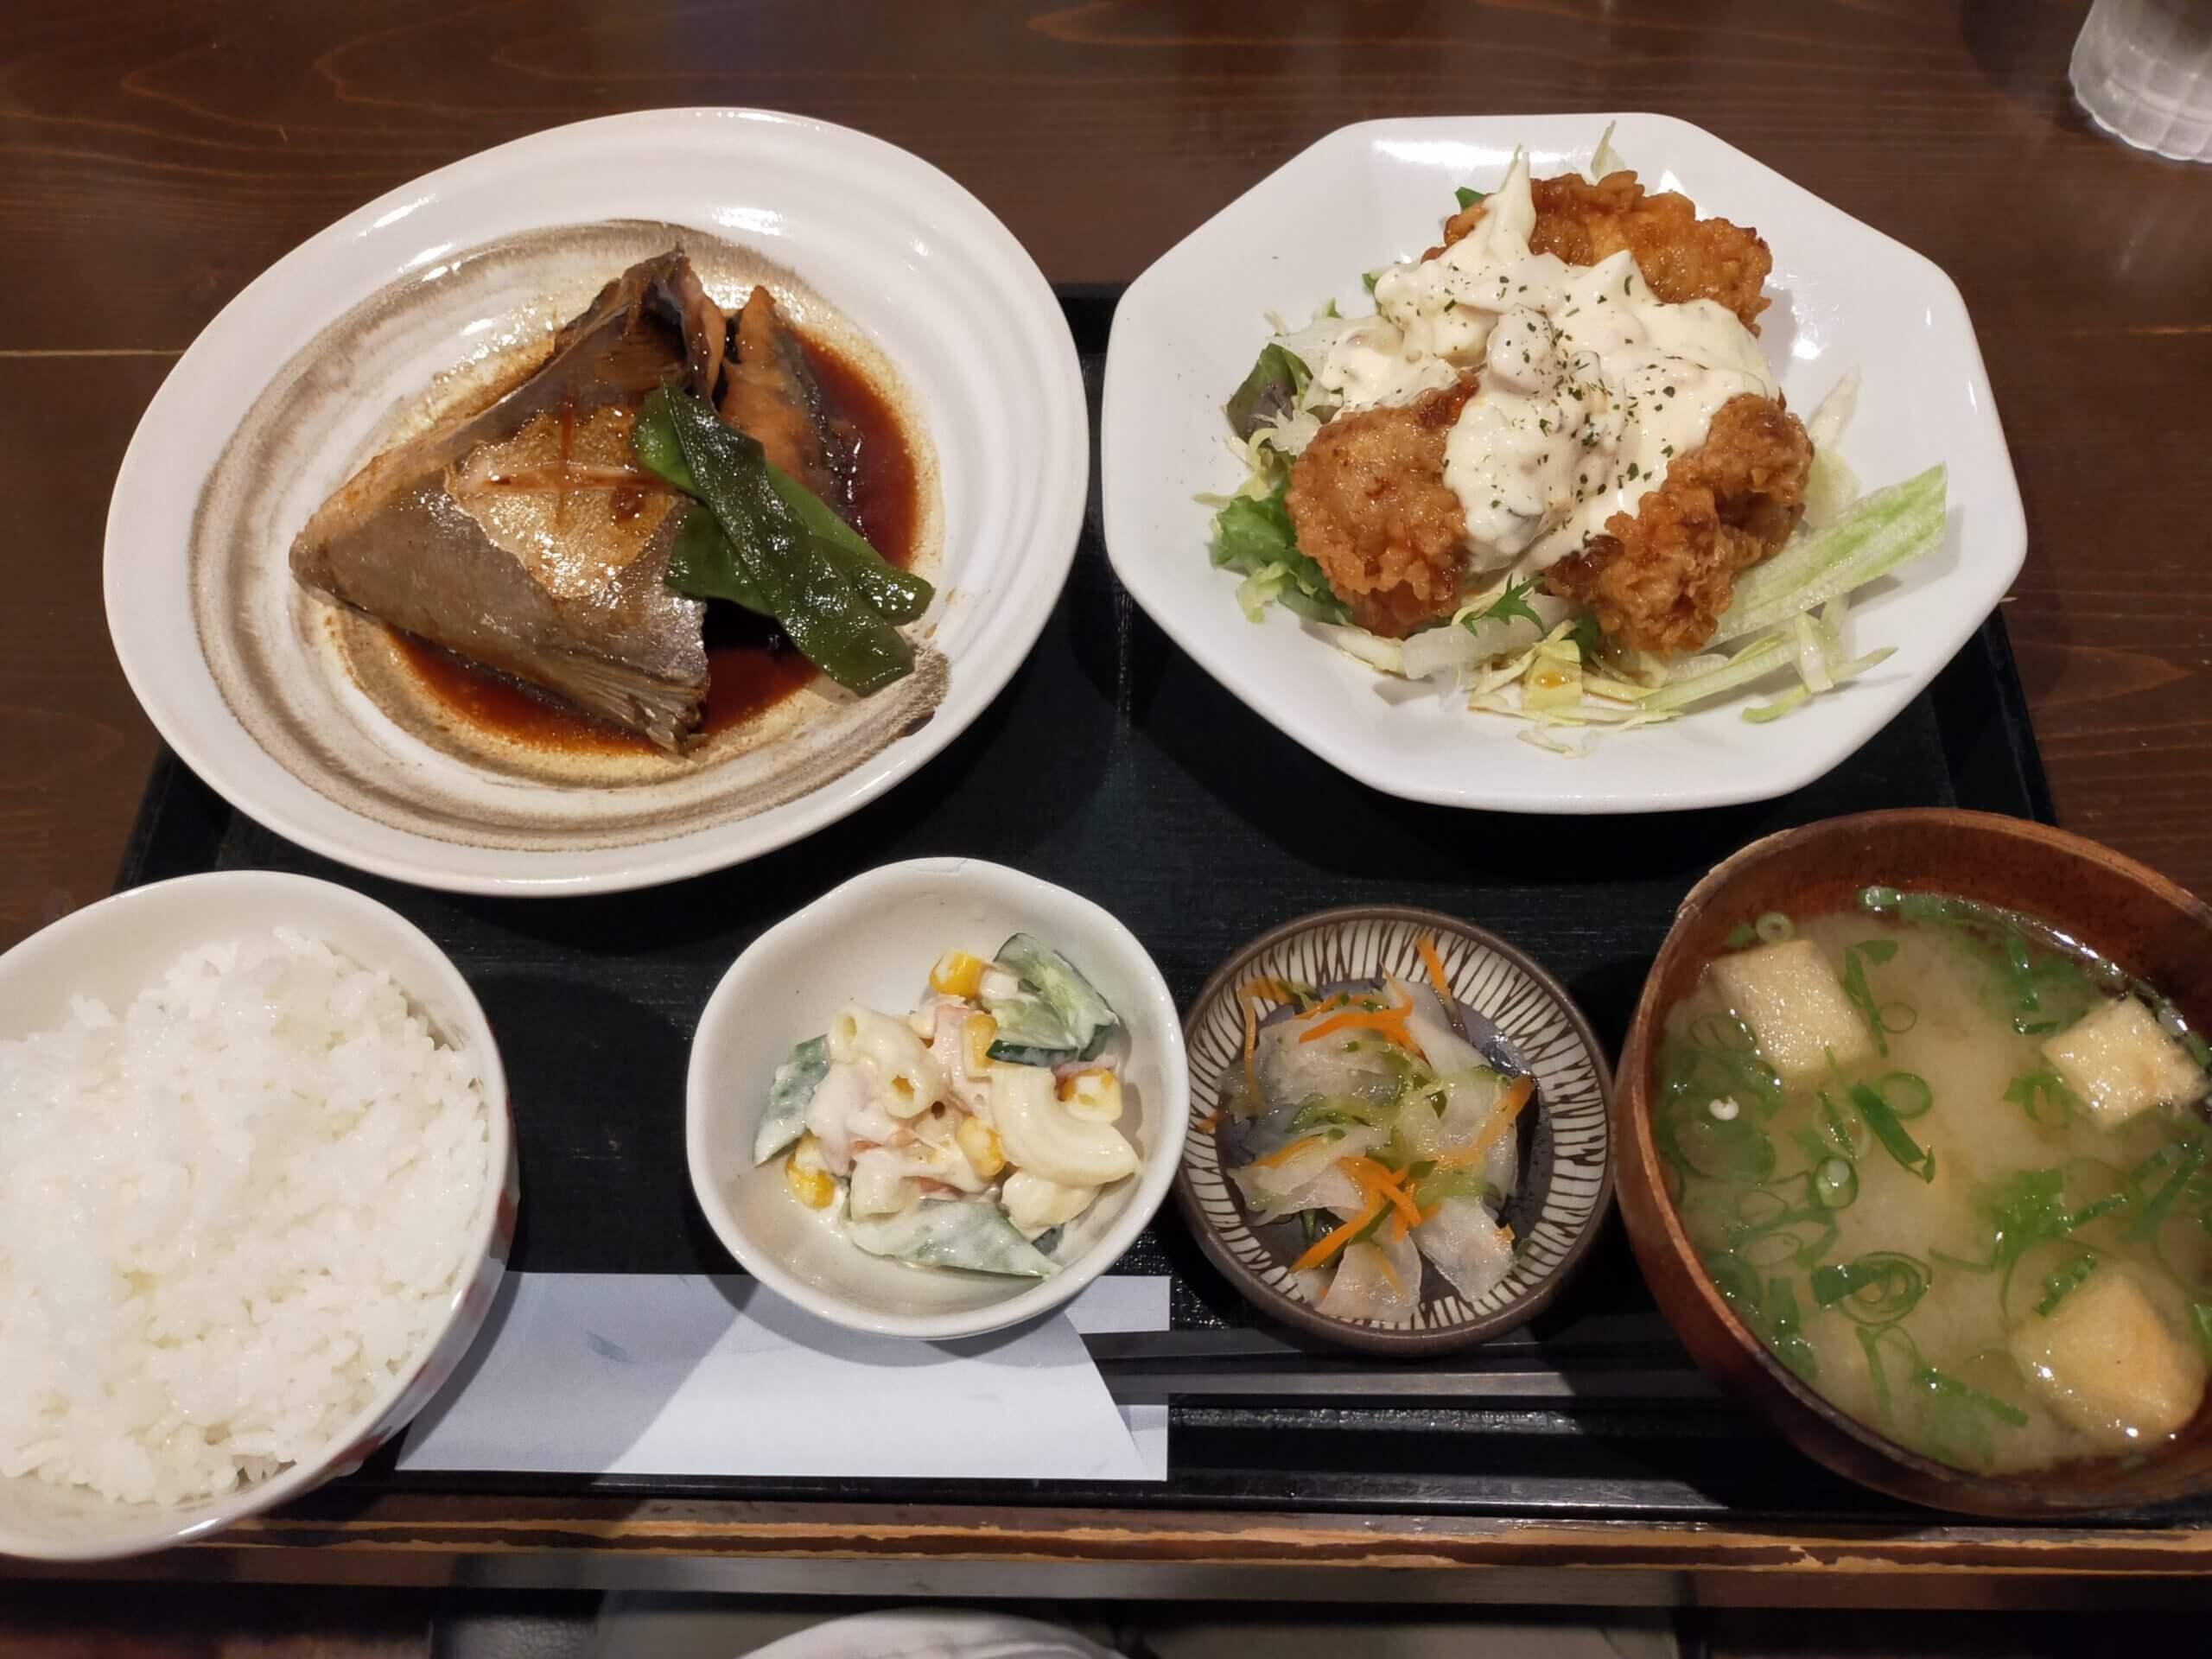 【えるもんど-玉名郡長洲町-】選べる2種のメイン料理セレクトランチでお腹いっぱいに!